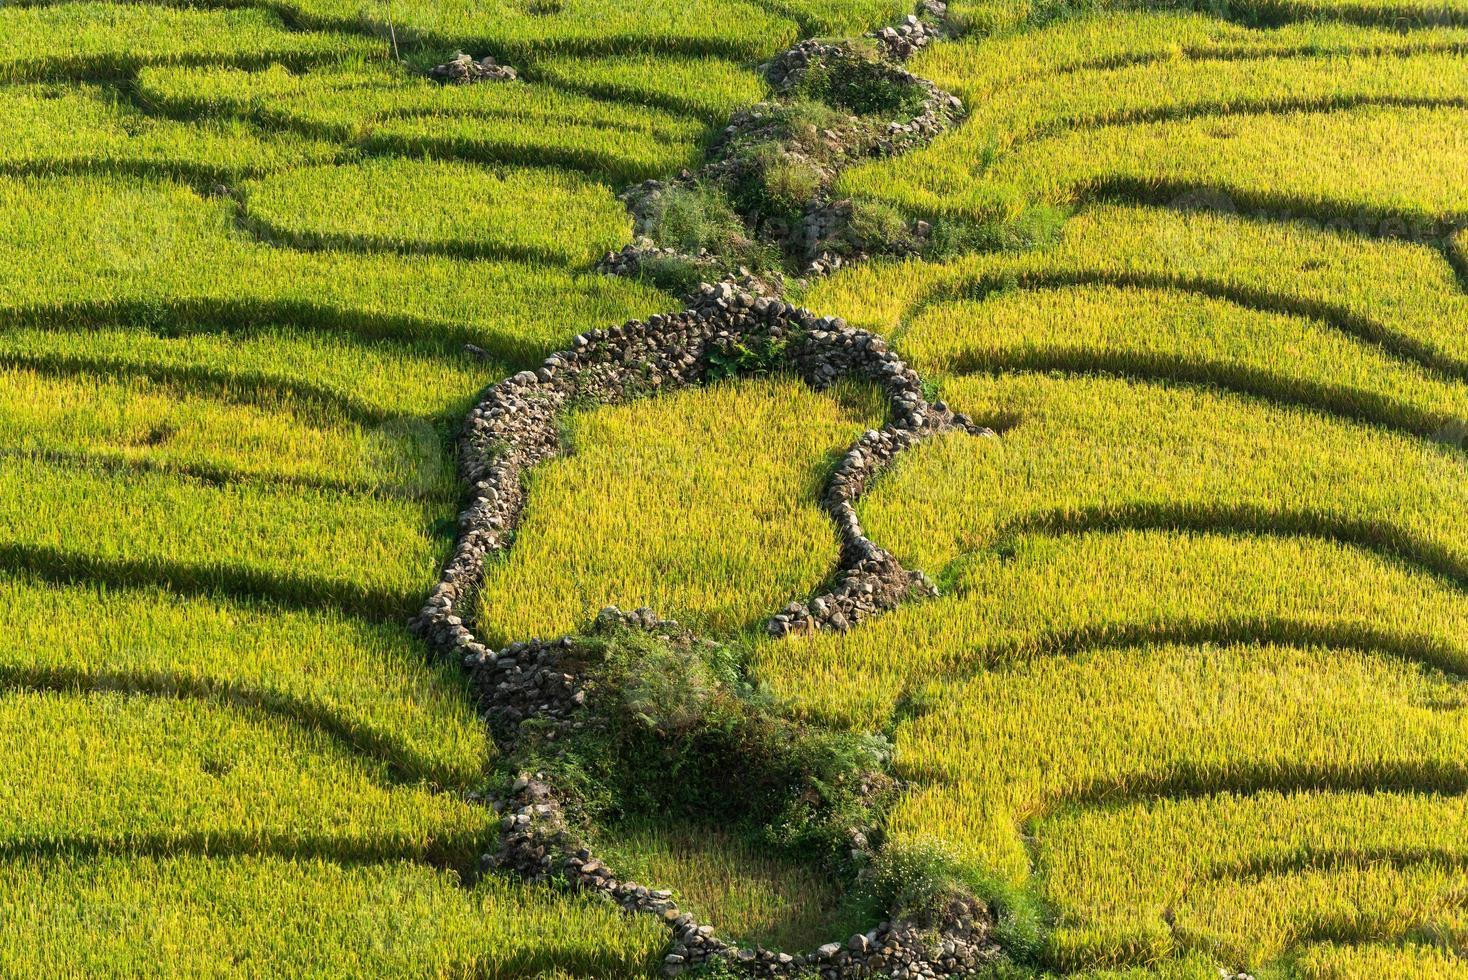 terrasse de rizière jaune et verte. photo